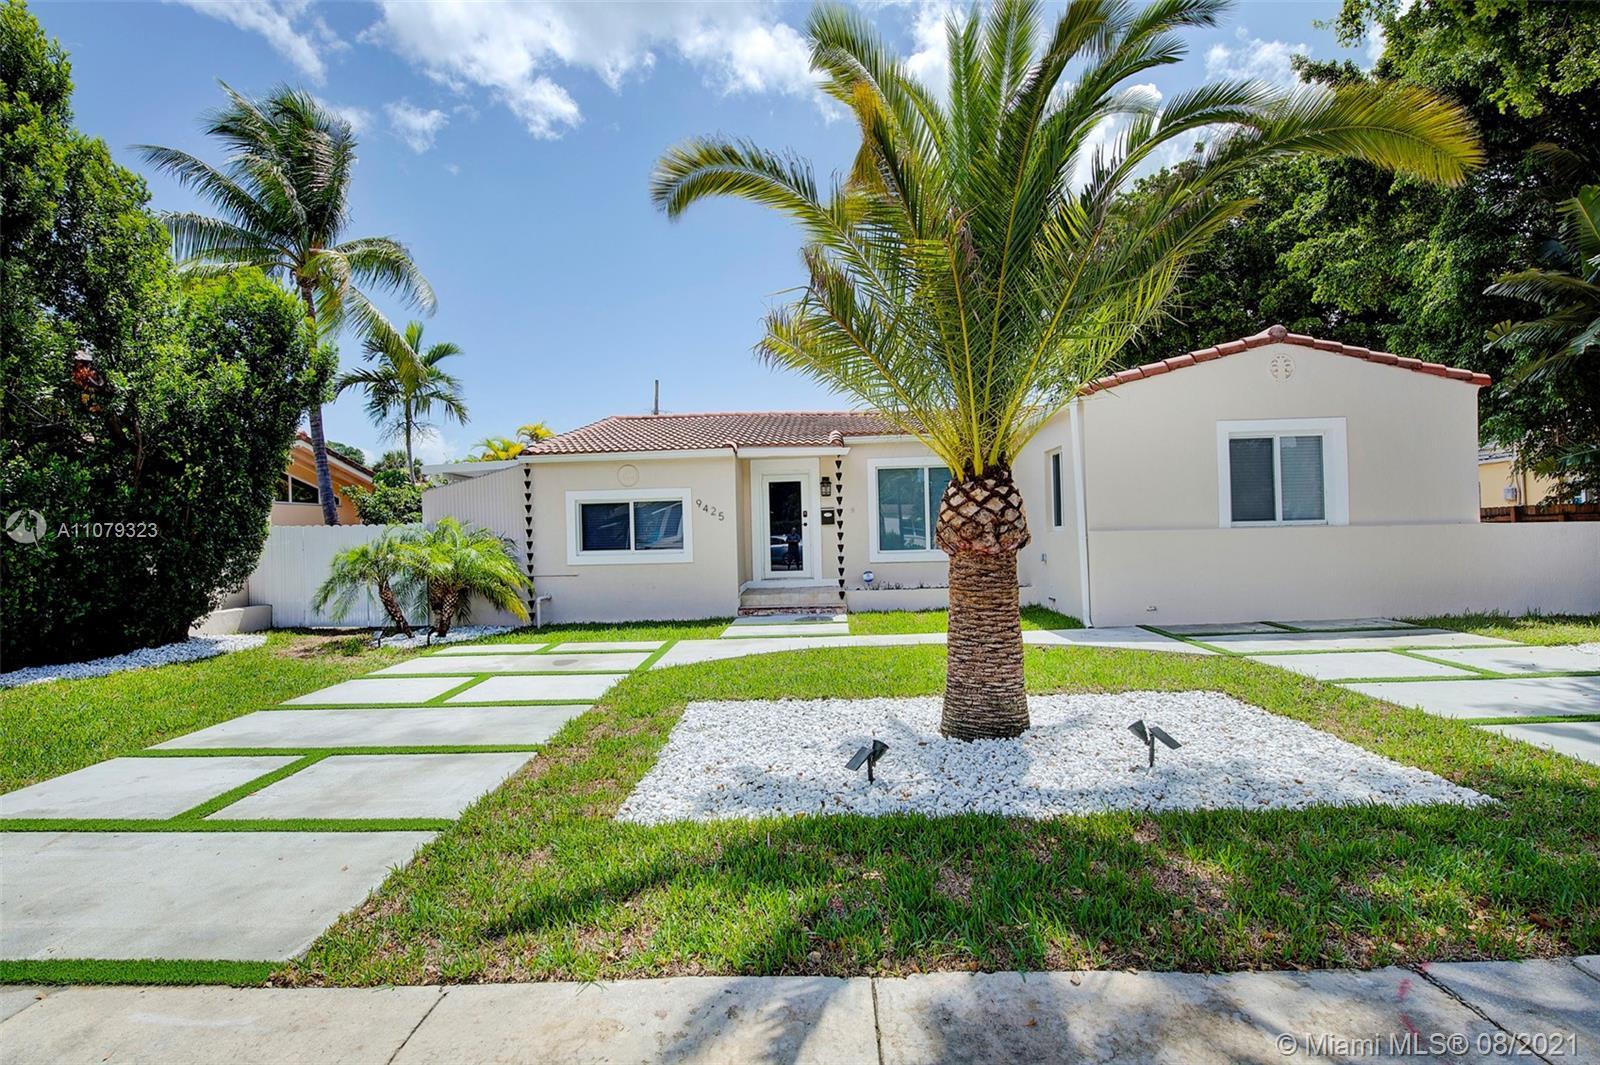 Miami Shores - 9425 N Miami Ave, Miami Shores, FL 33150